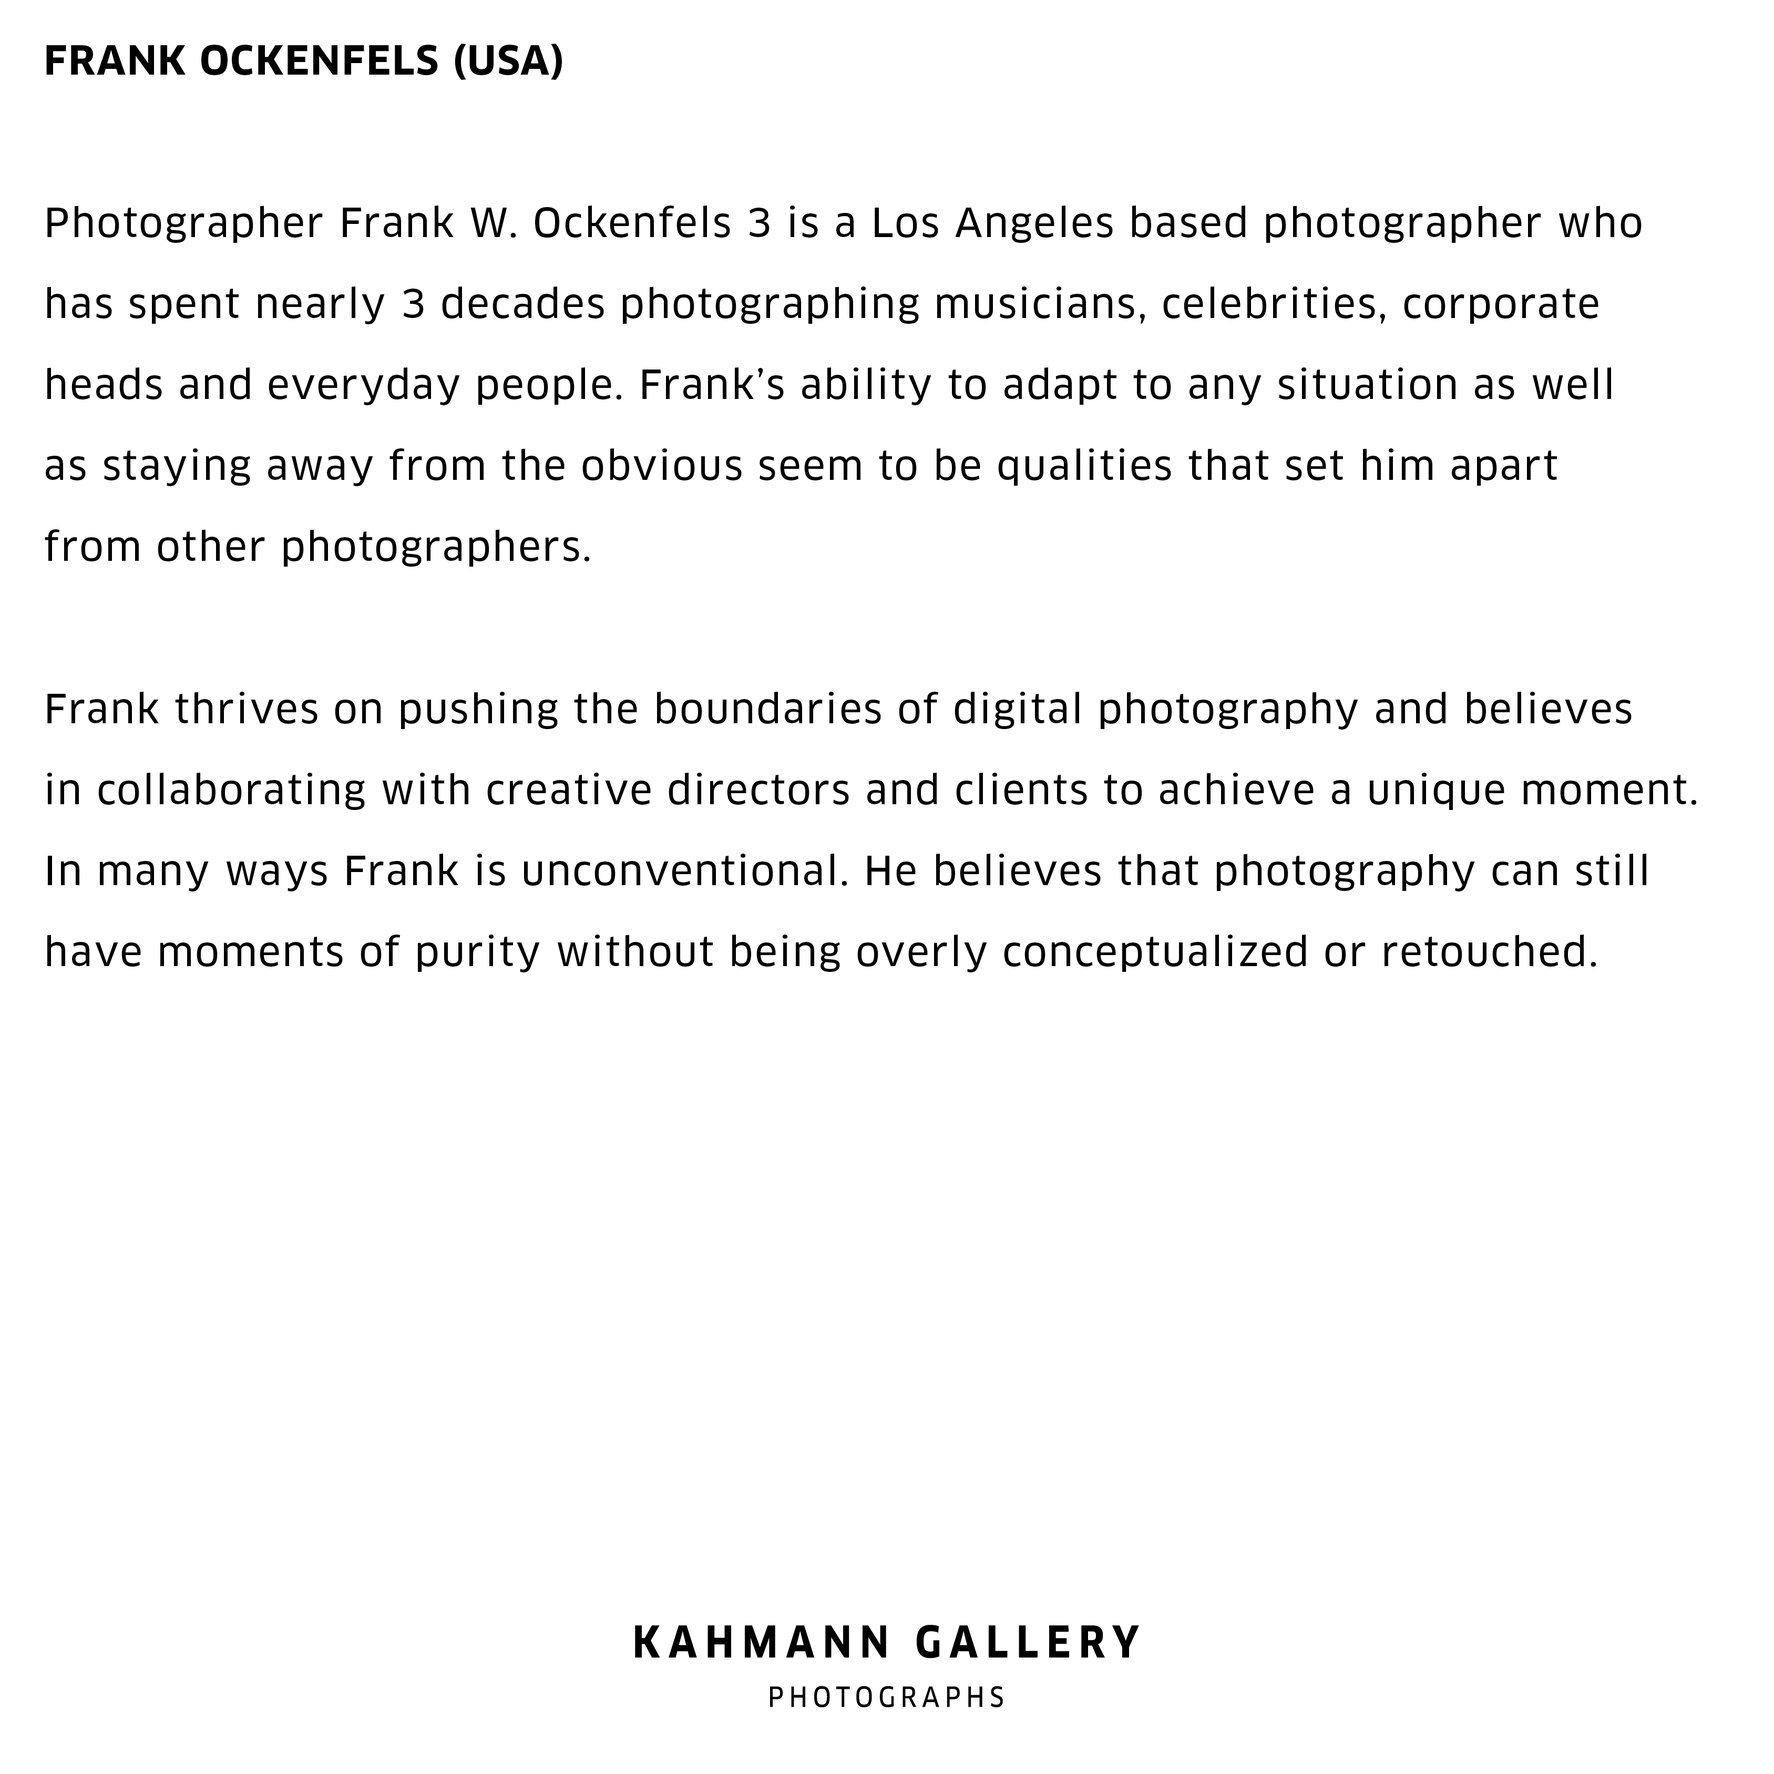 KG Viewbook - Artists_24.jpg